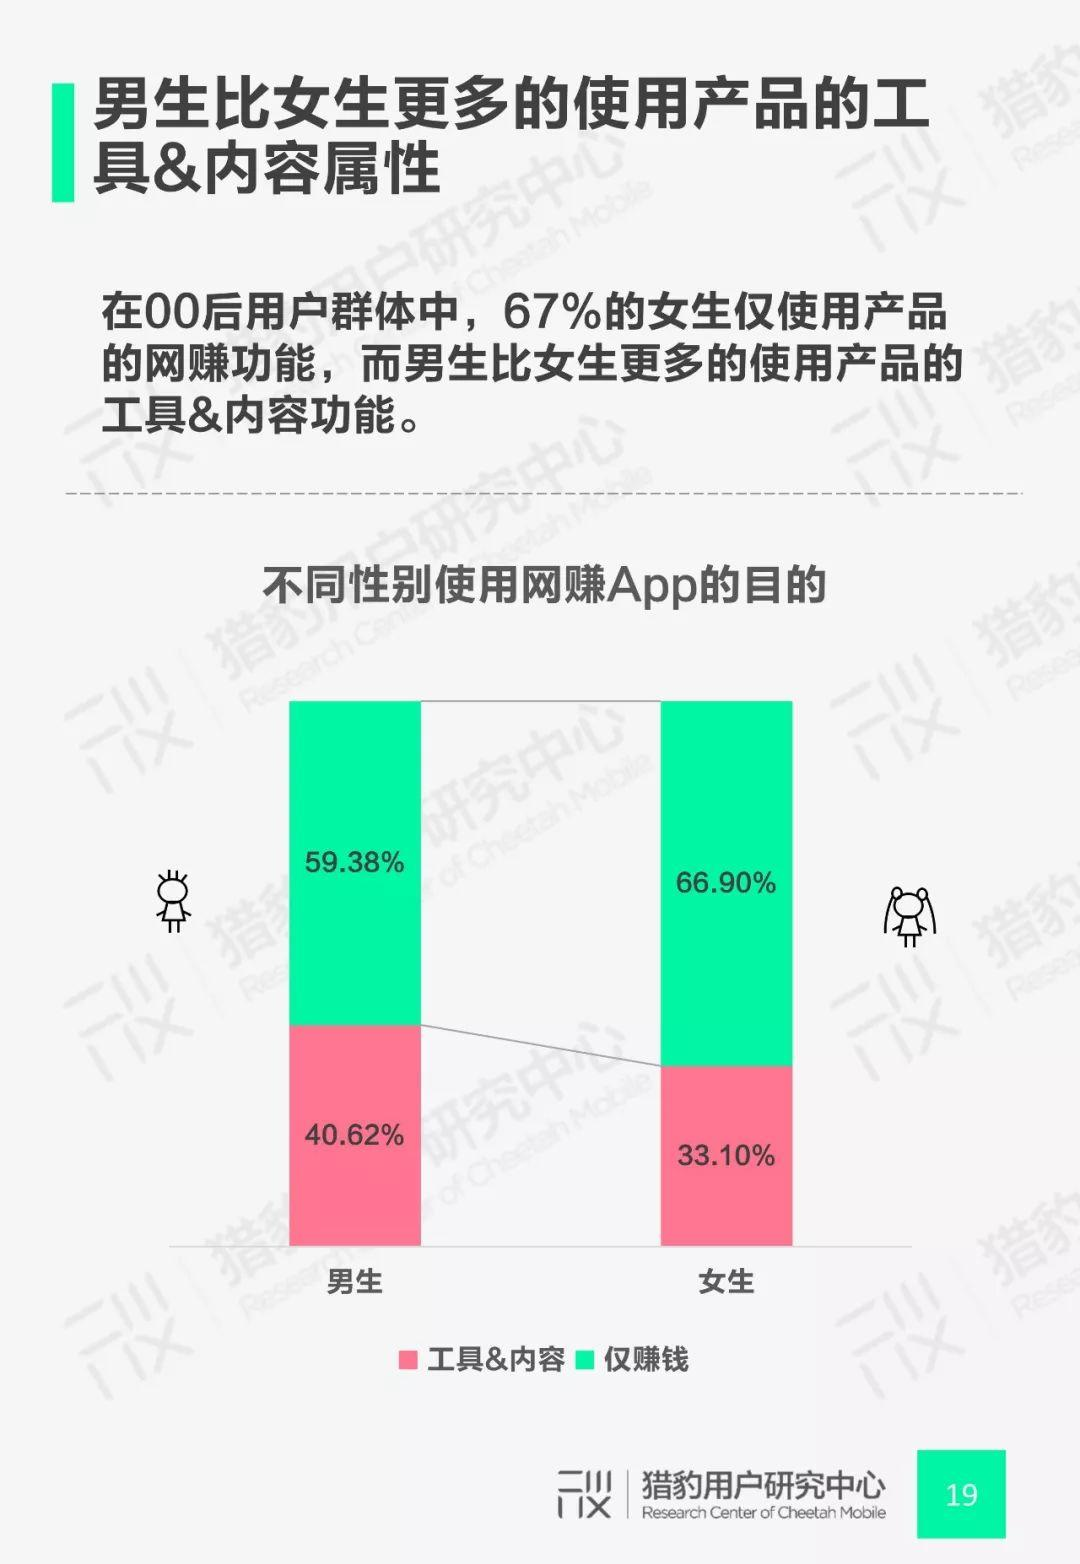 豹告 | 00后网赚App行为调研:Z时代+网赚还能这么玩!